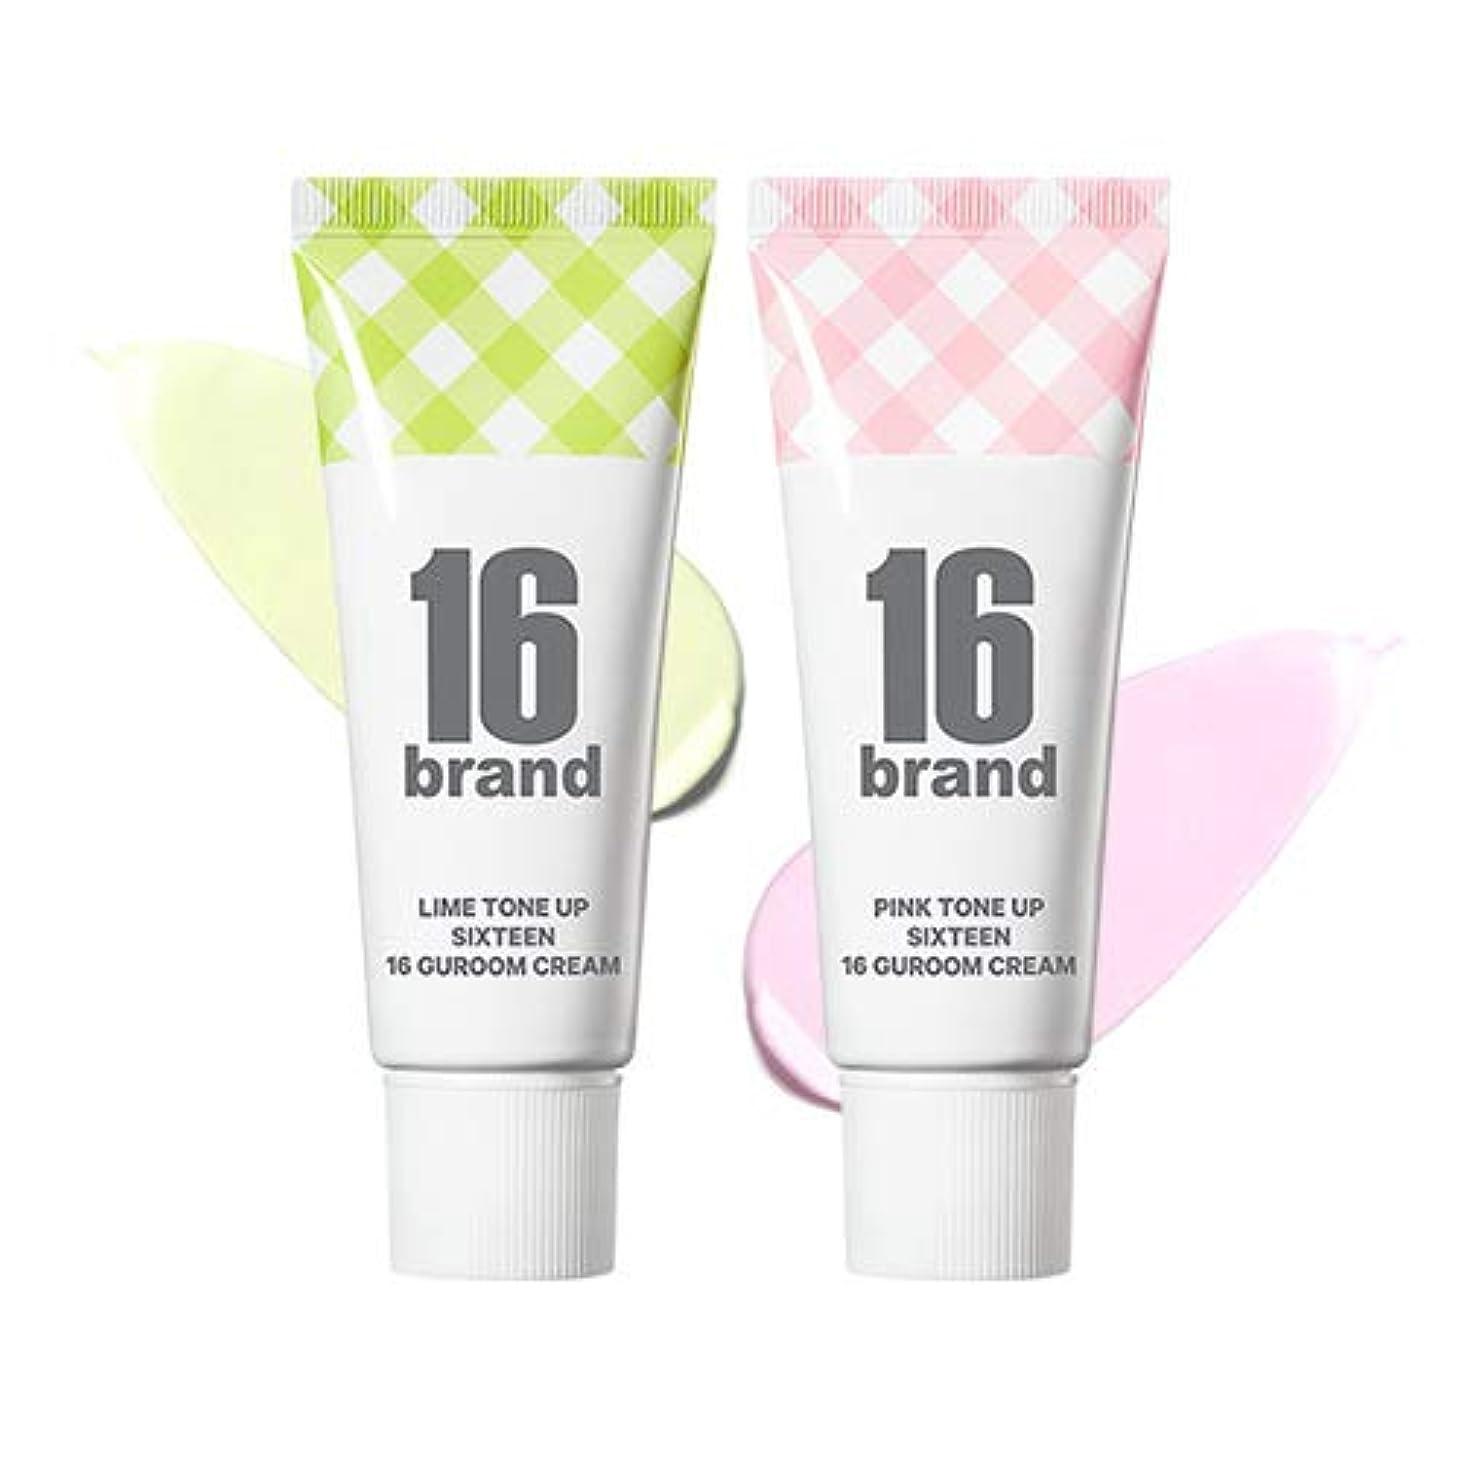 極貧多くの危険がある状況く16 Brand Sixteen Guroom Lime Tone Up Cream * 30ml (tube type) / 16ブランド シックスティーン クルム ライムクリーム SPF30 PA++ [並行輸入品]